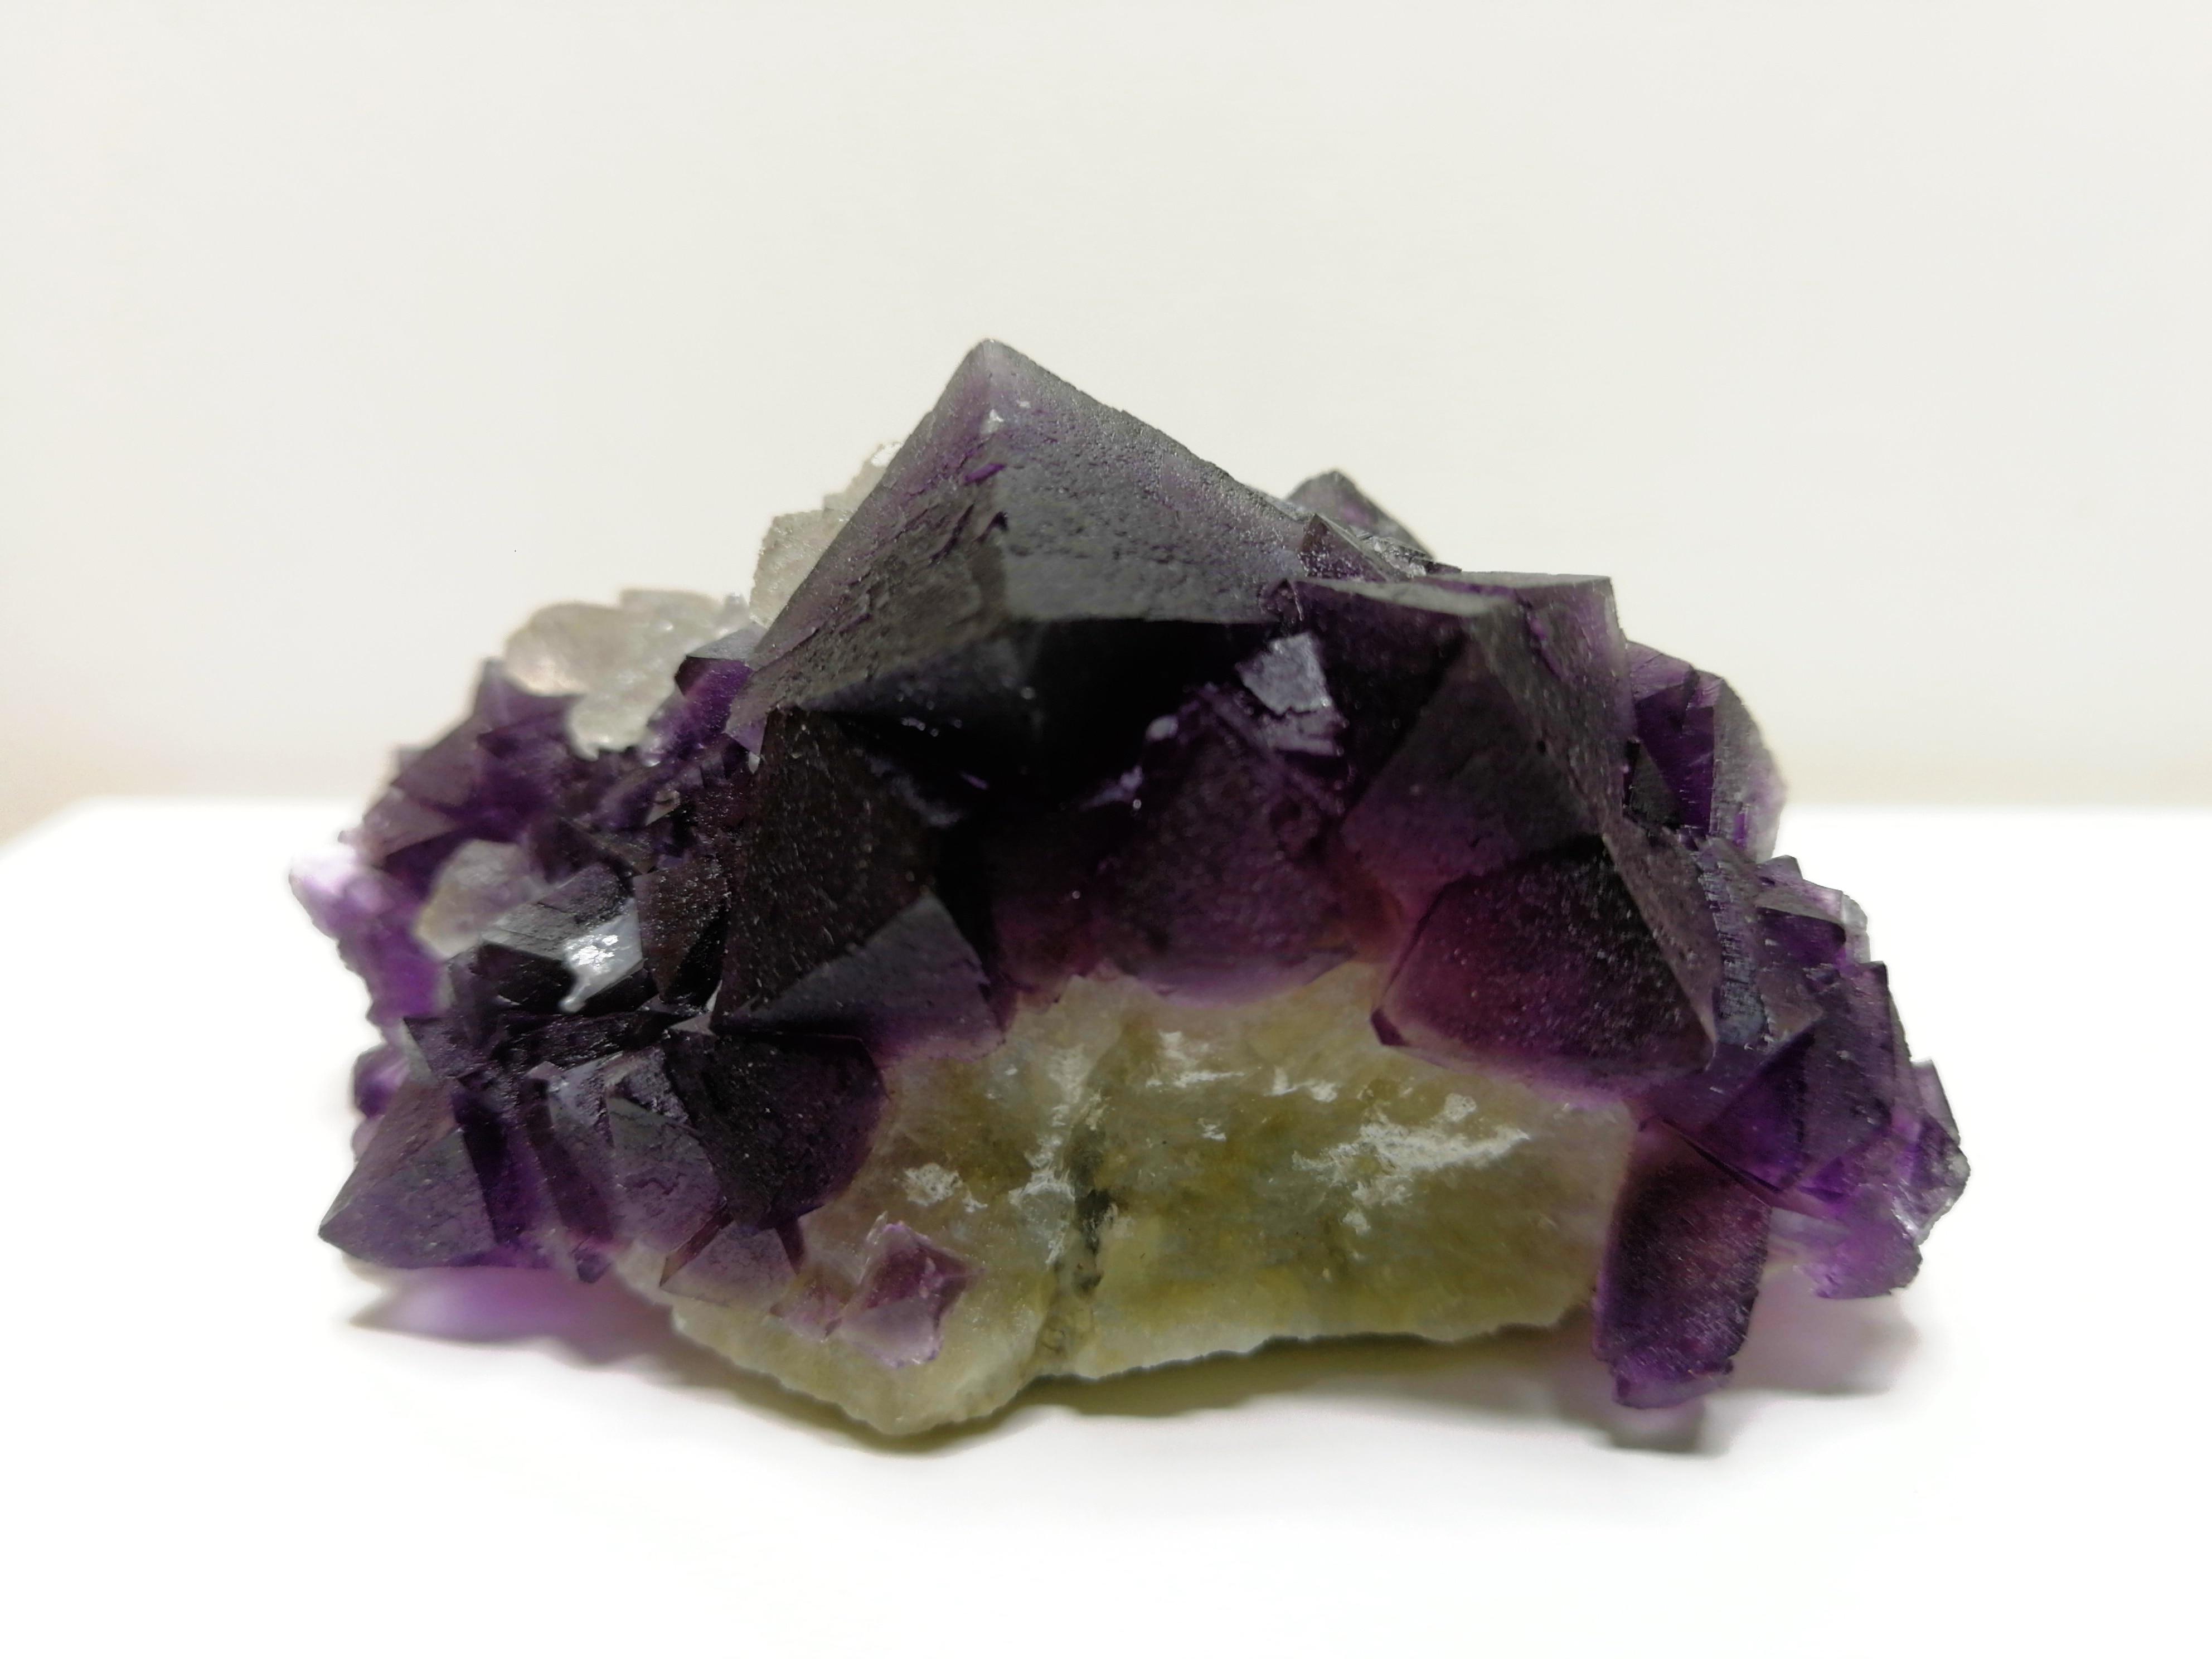 Cristal de Quartzo Gnatural Roxo Fluorite Mineral Espécime Mobiliário Ornamento-13 114.3